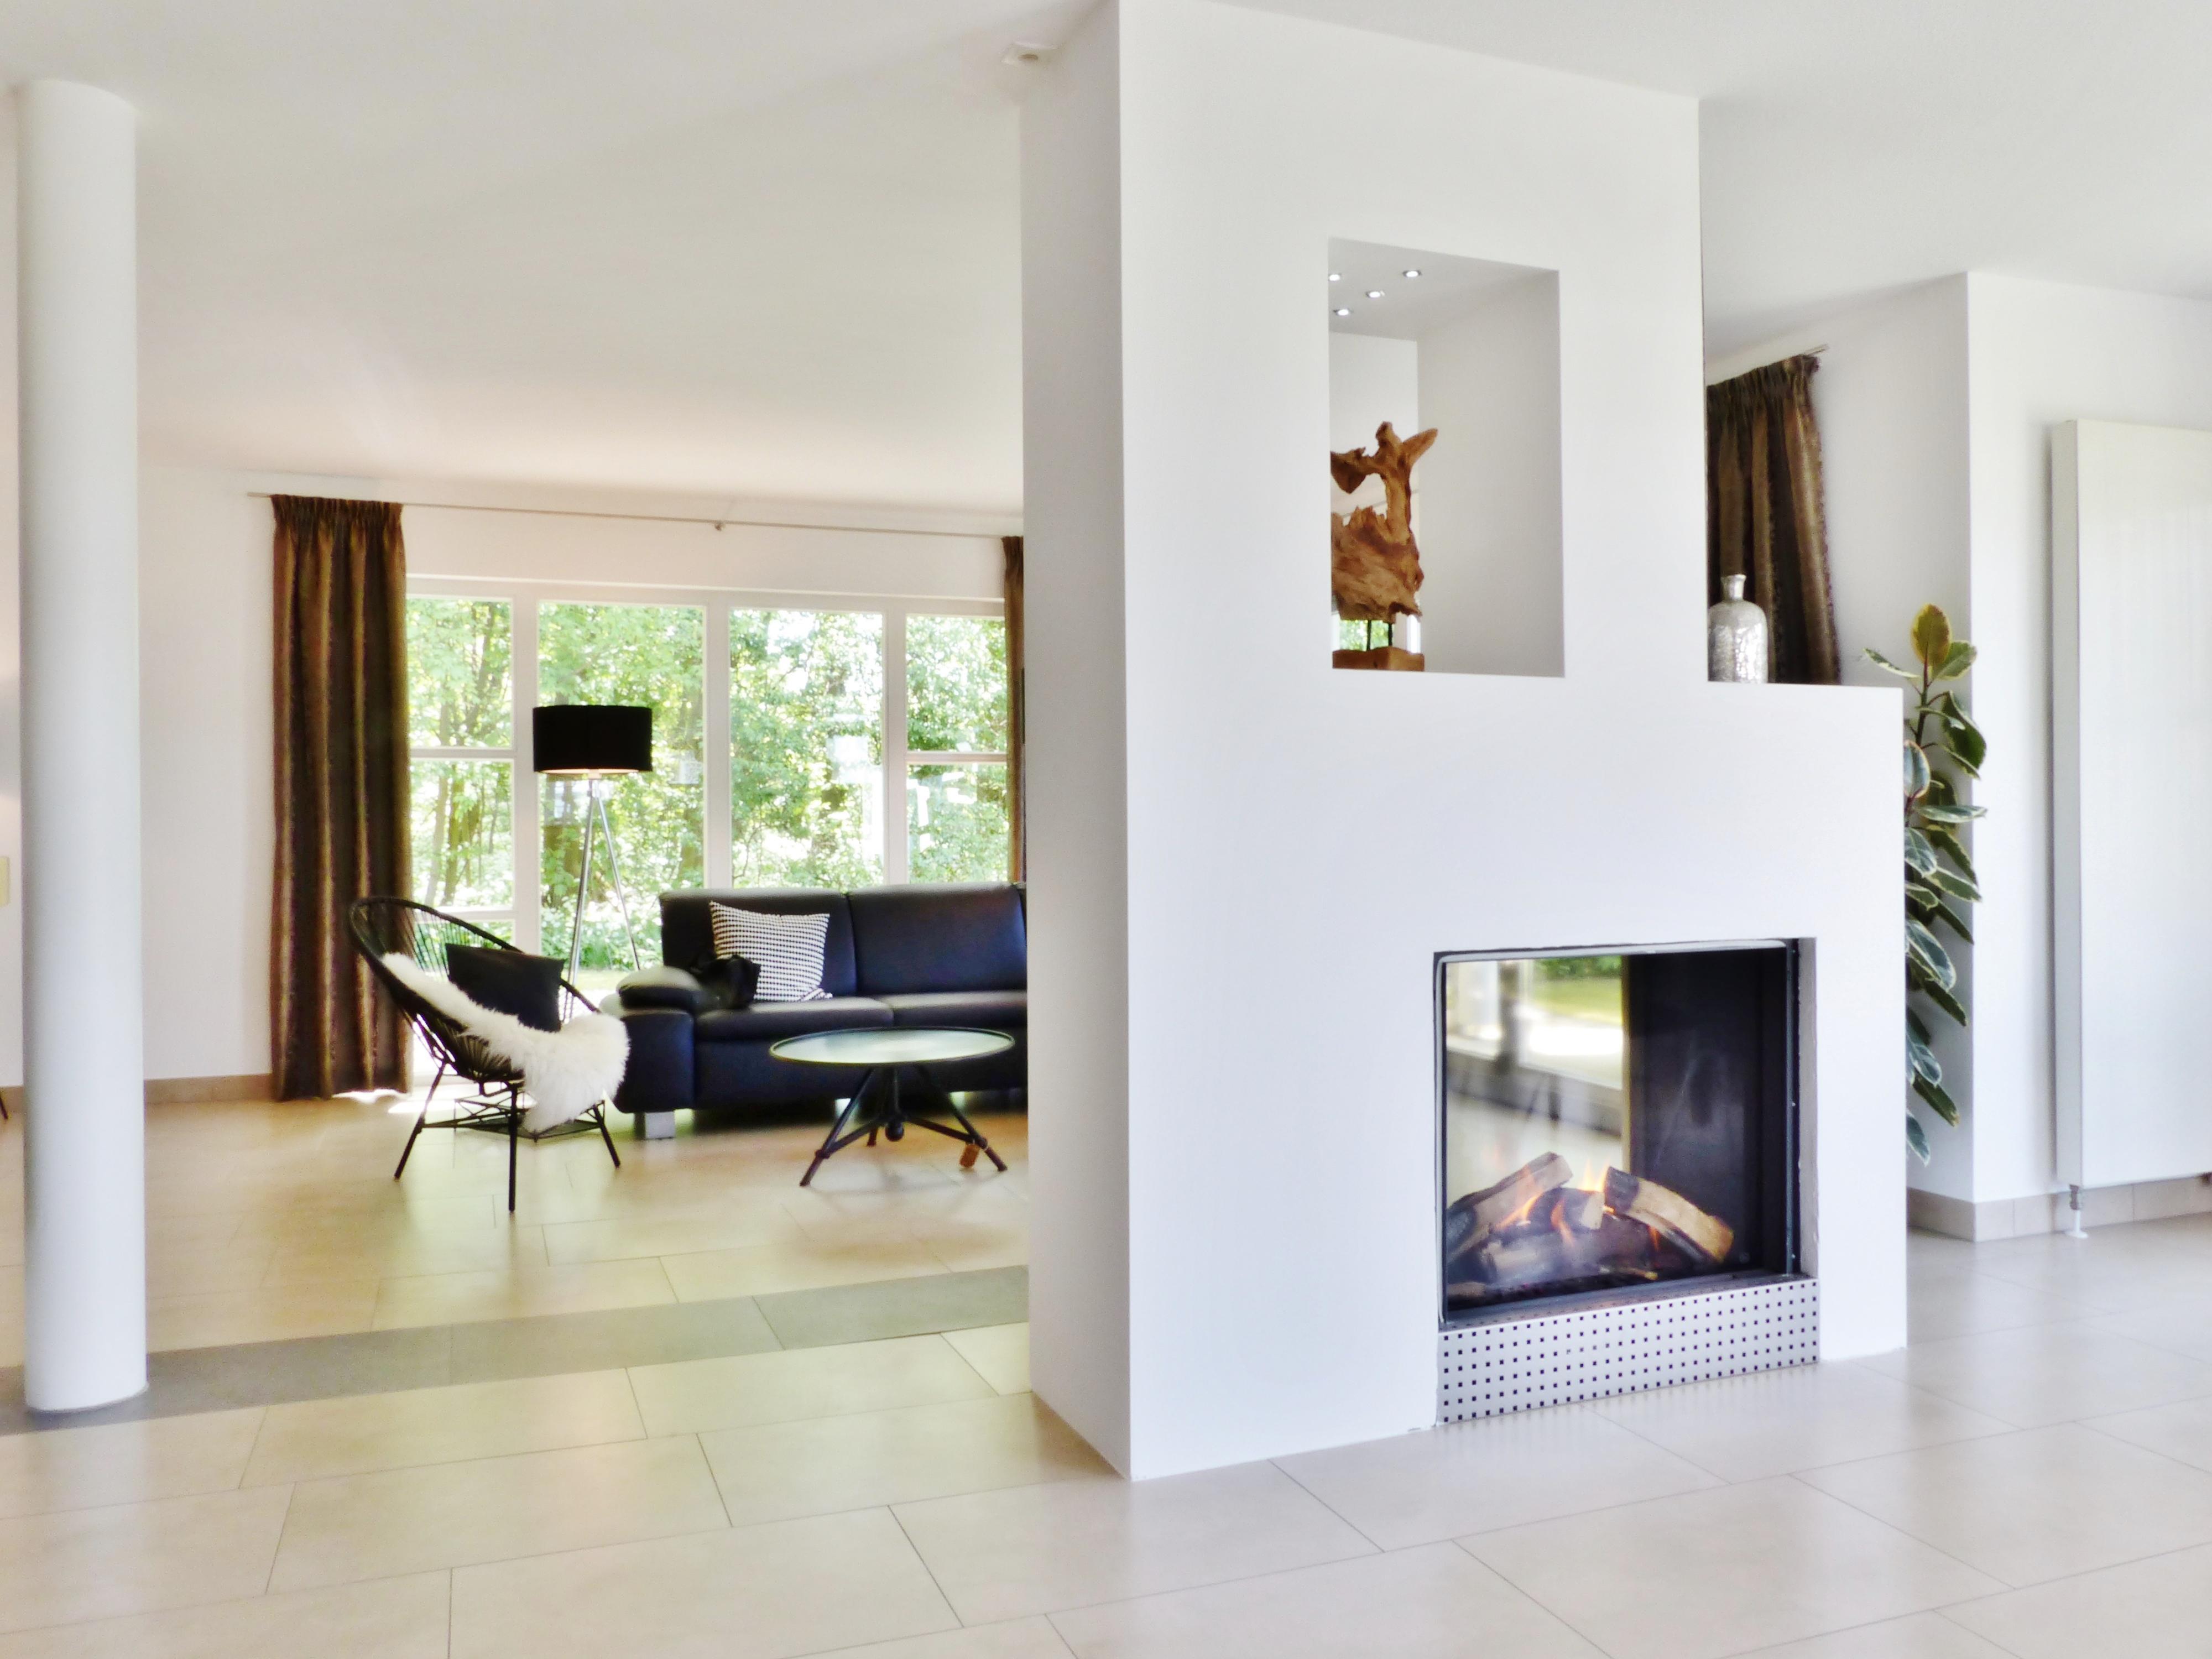 Kaminecke bilder ideen couchstyle for 99chairs wohnzimmer